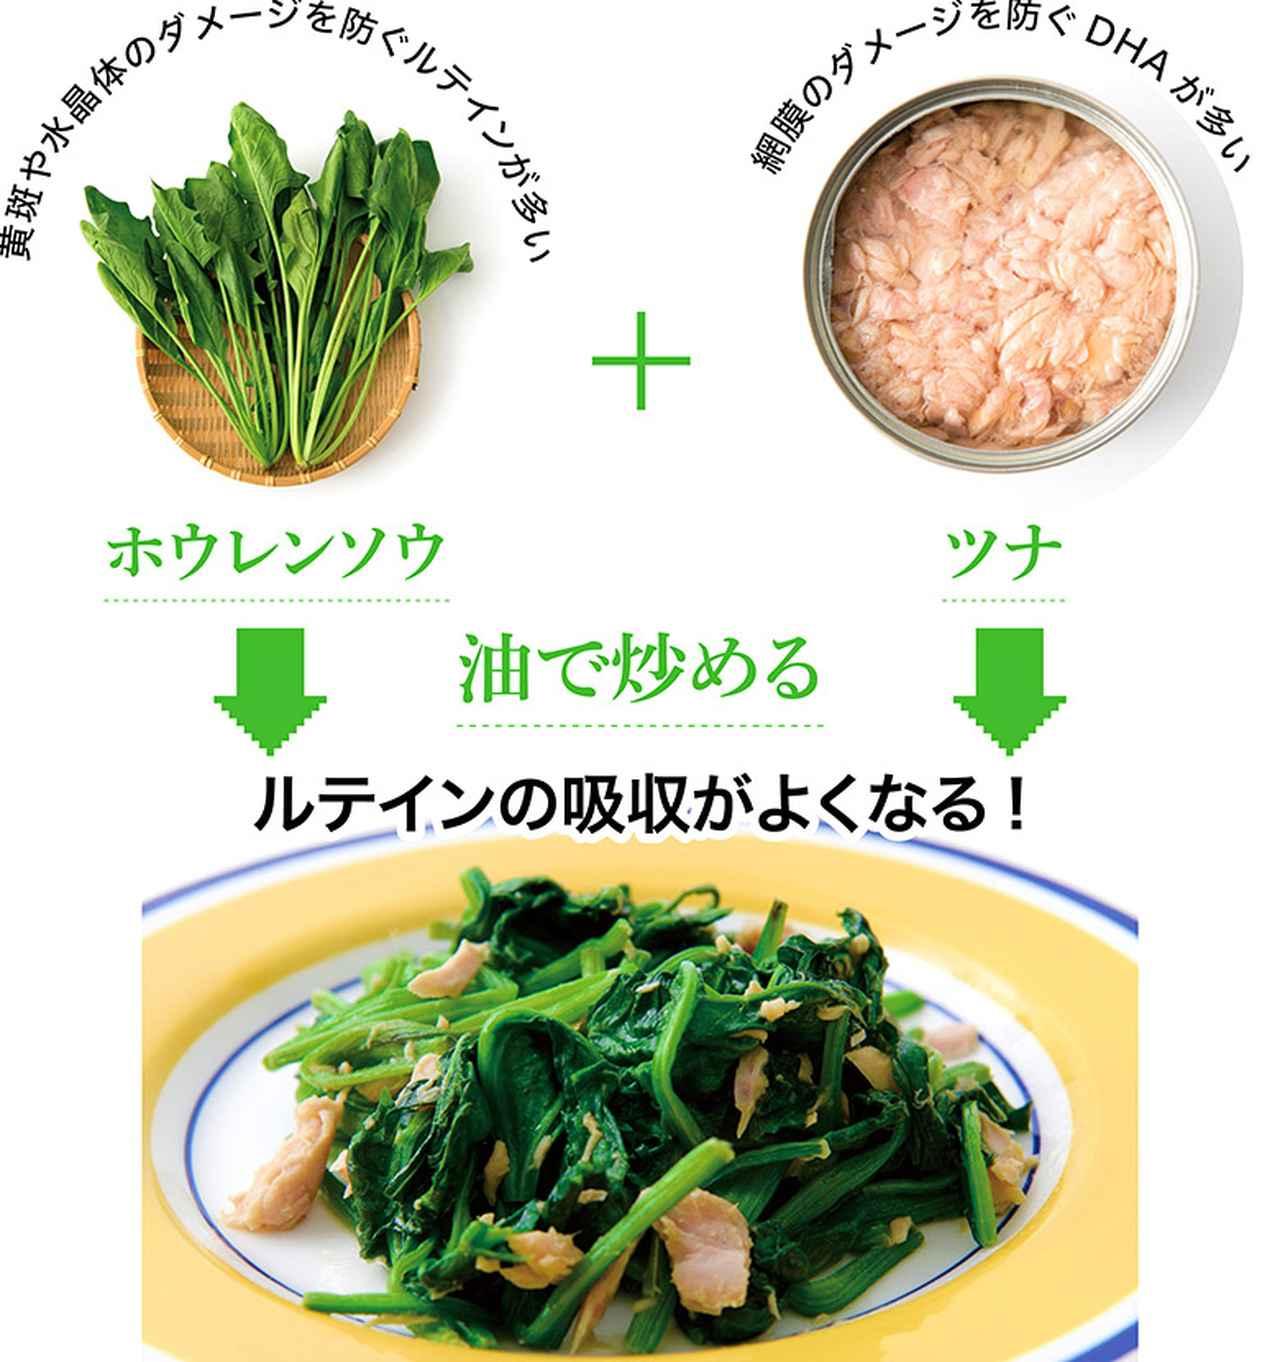 画像: 【目に良い食べ物】おすすめは「ほうれん草」眼科医が実践する料理の工夫を紹介